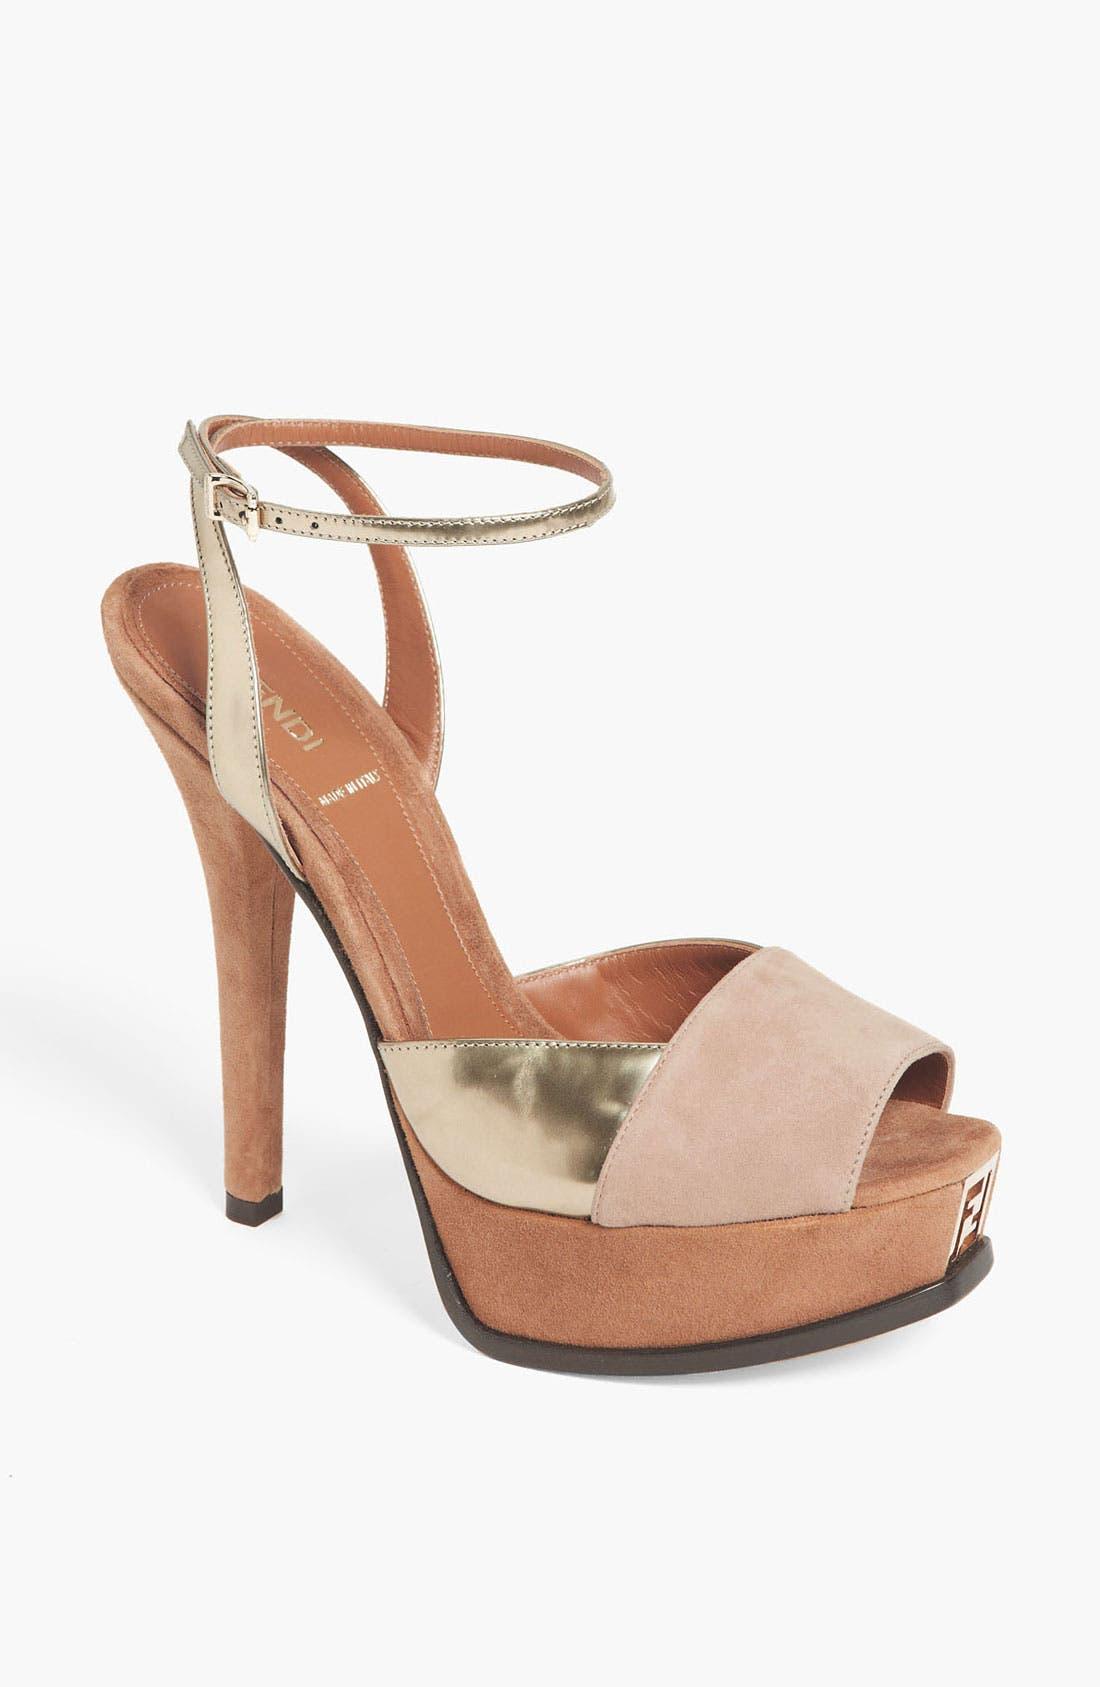 Main Image - Fendi 'Fendista' Sandal